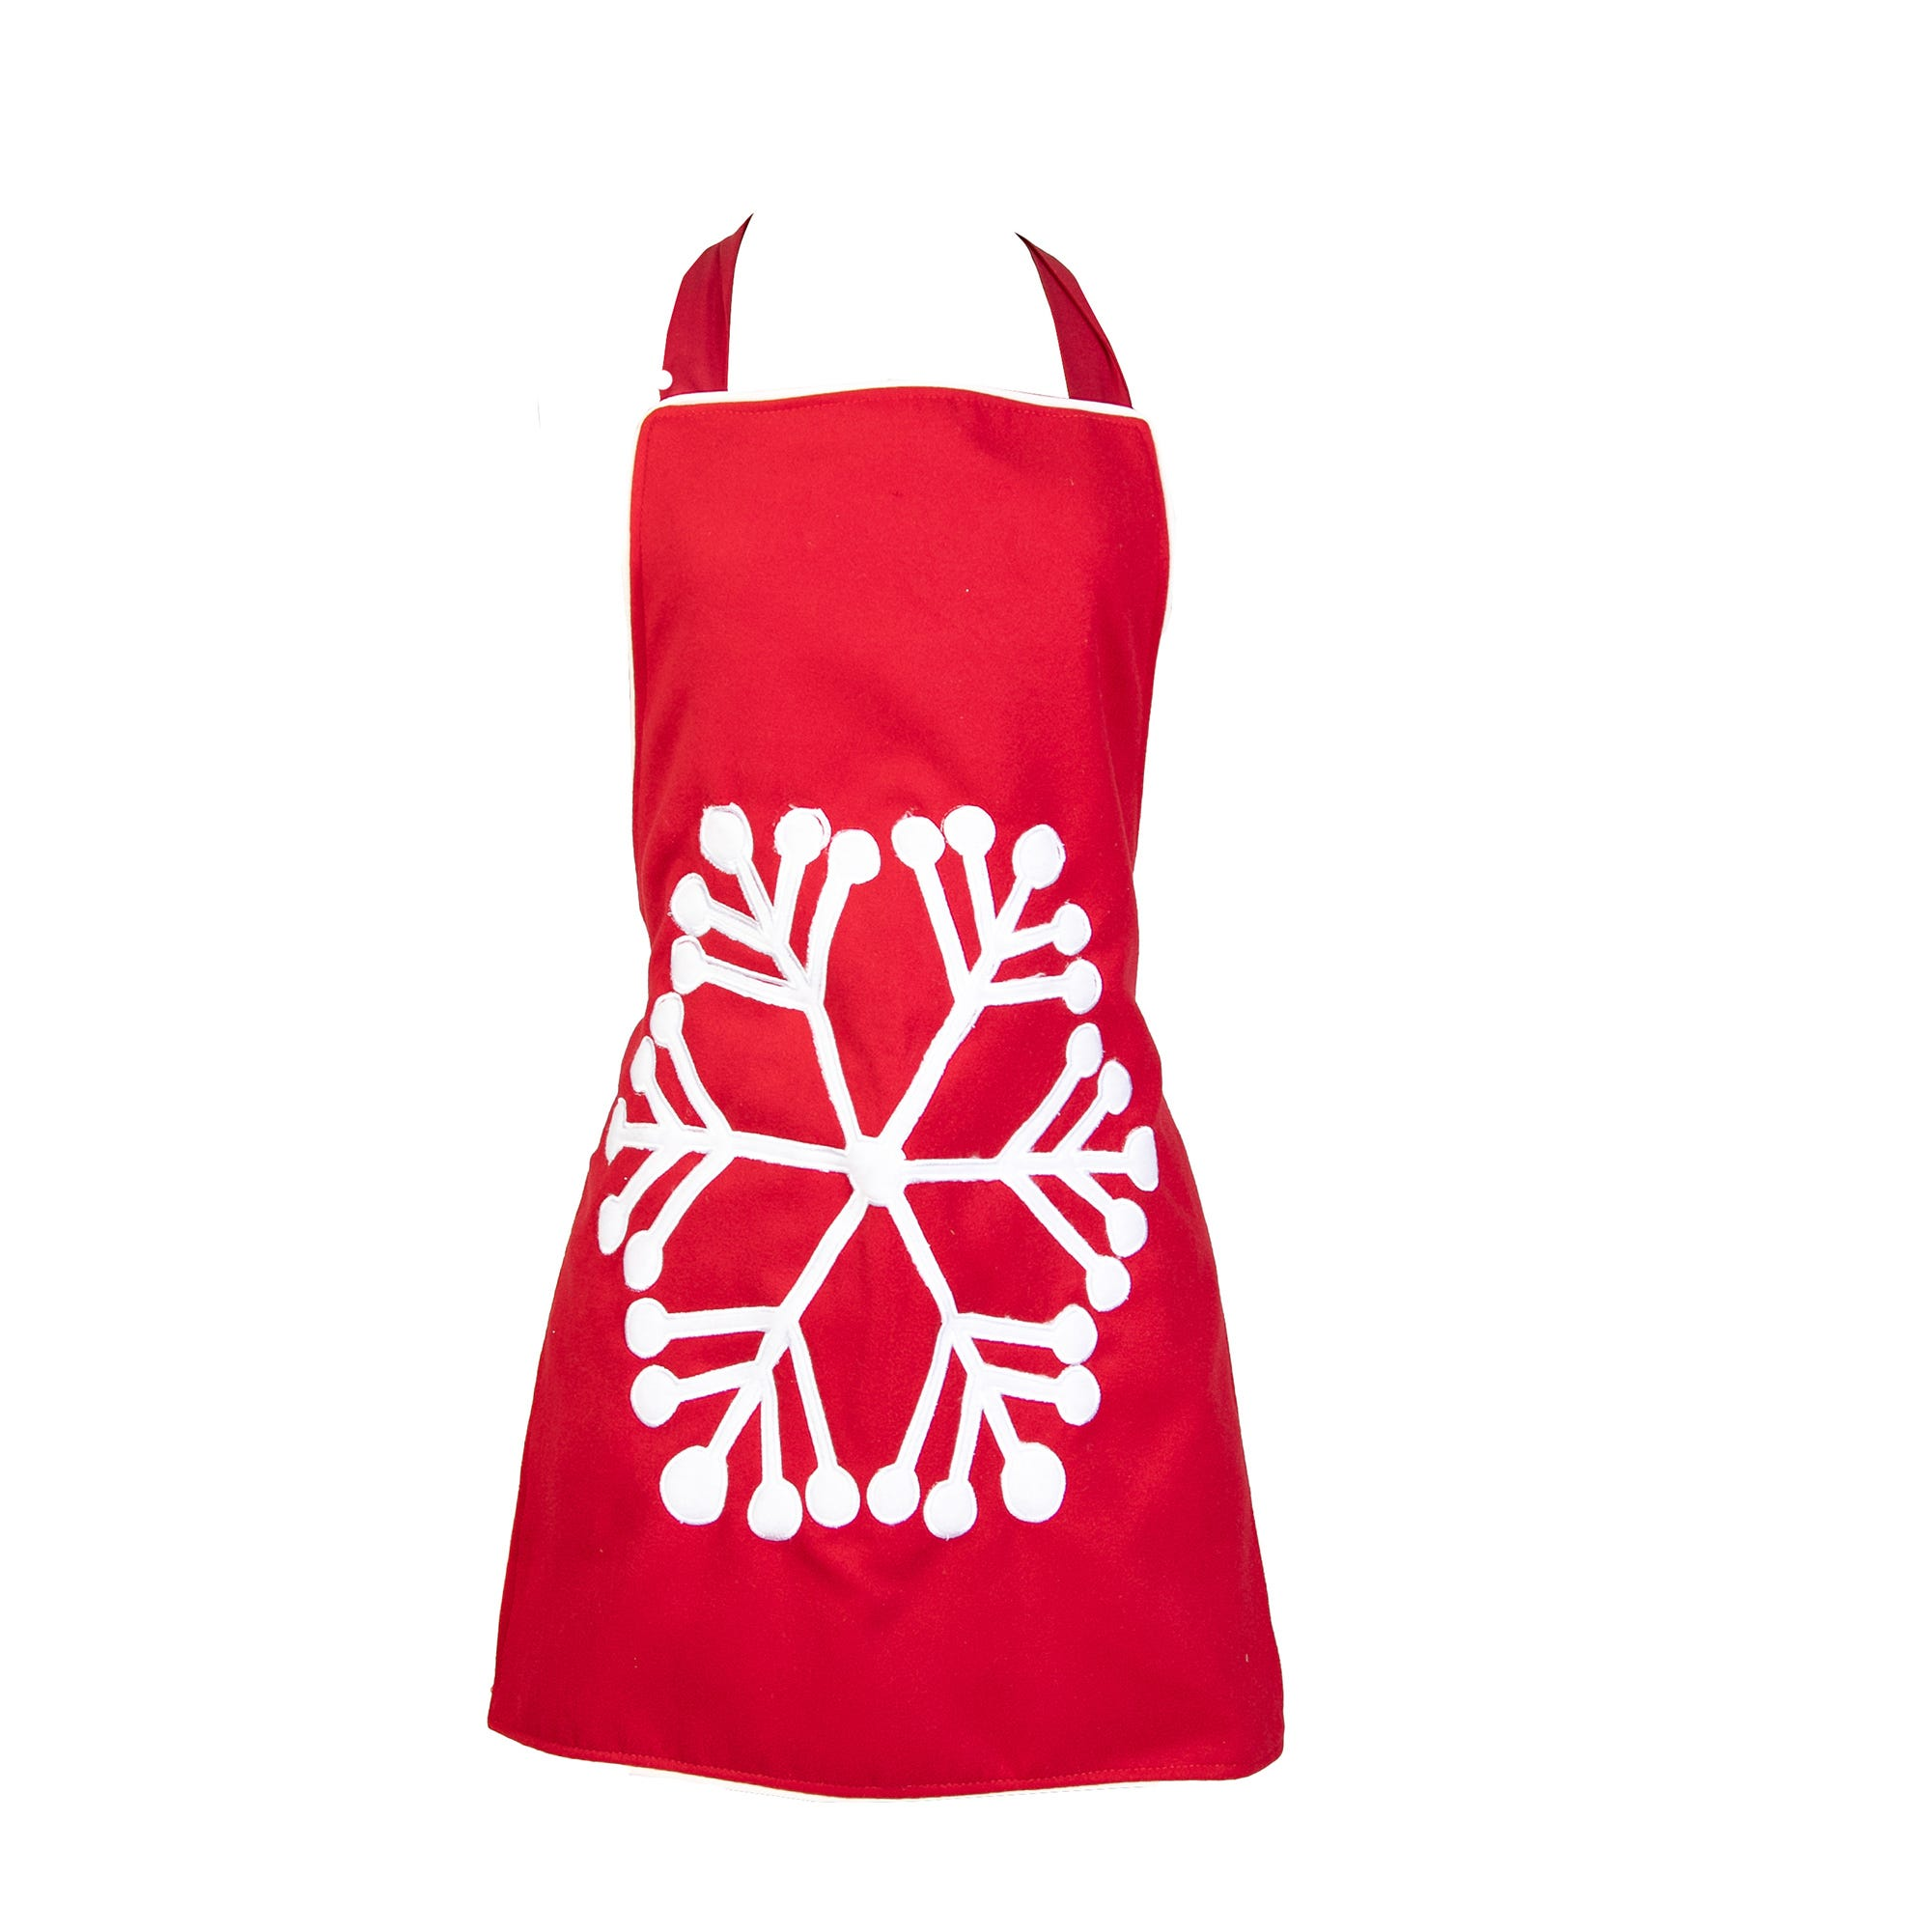 Delantal mediano de poliéster Bartolla™ Algarabia con diseño de copo de nieve color rojo